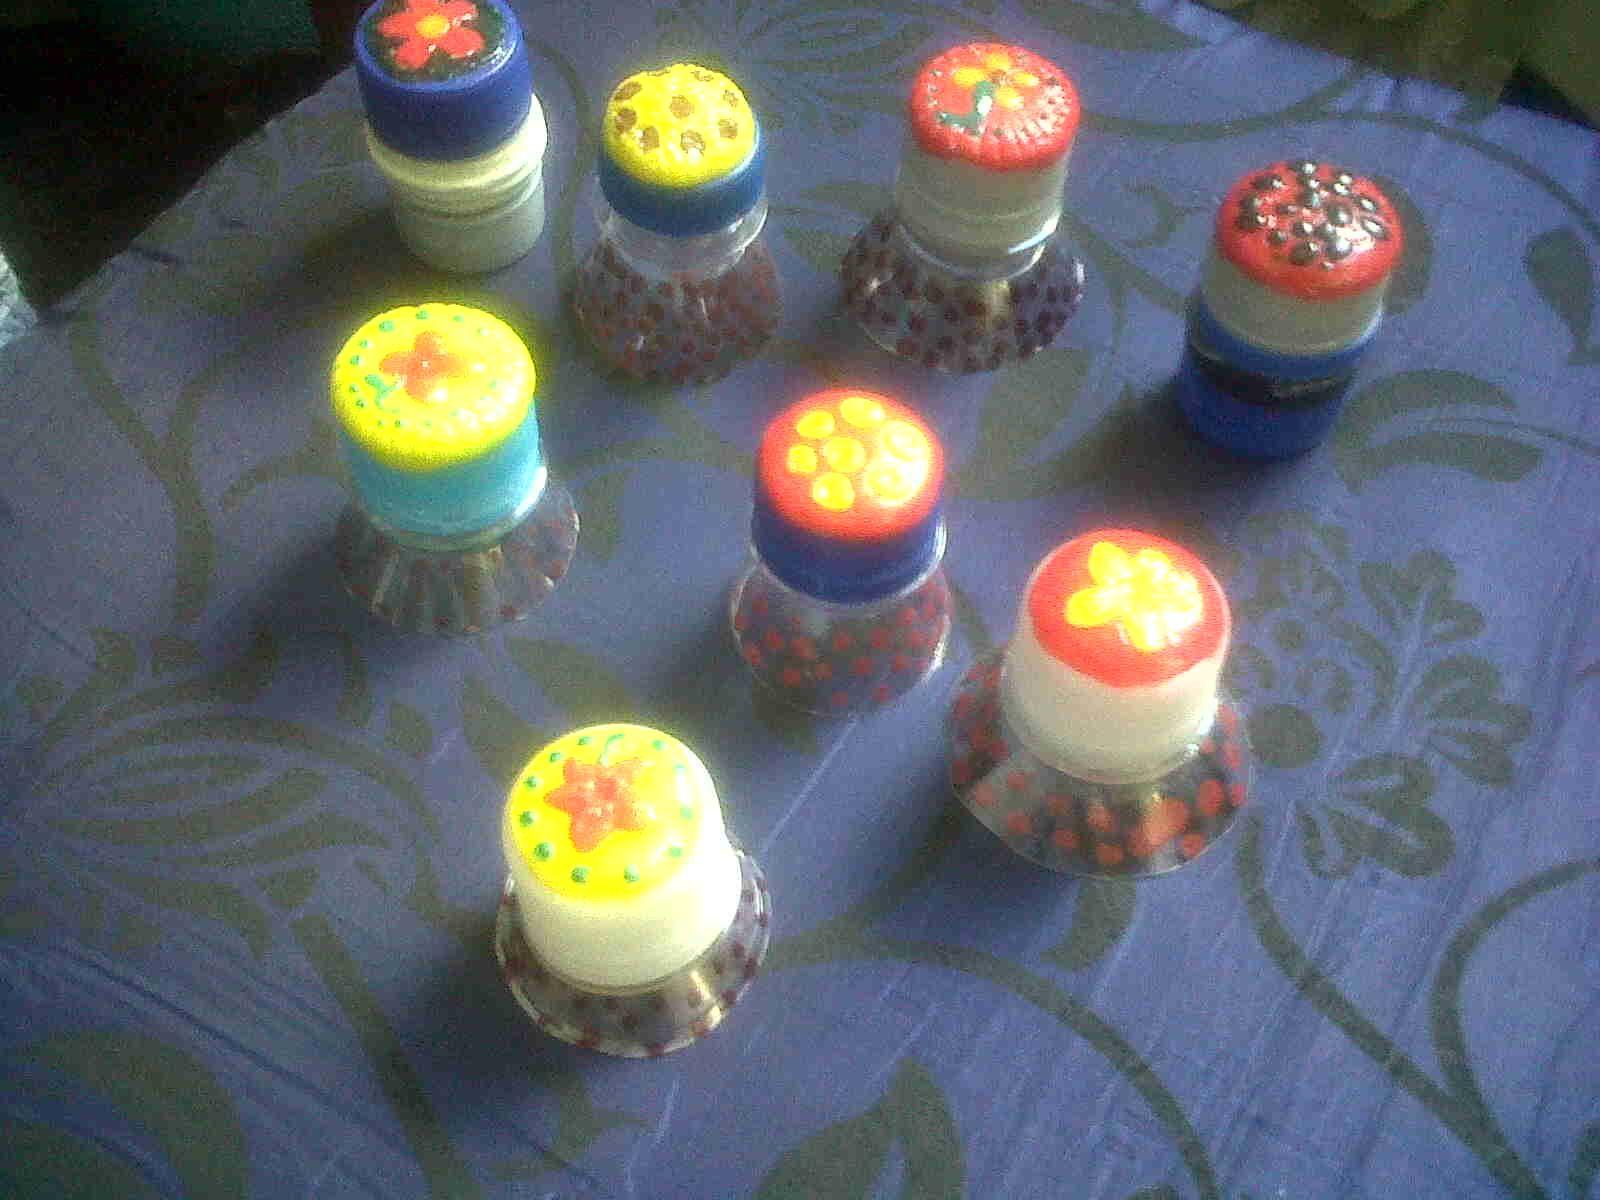 Cierres herméticos con bocas de botellas plásticas.Las tapas decoradas con masa flexible.